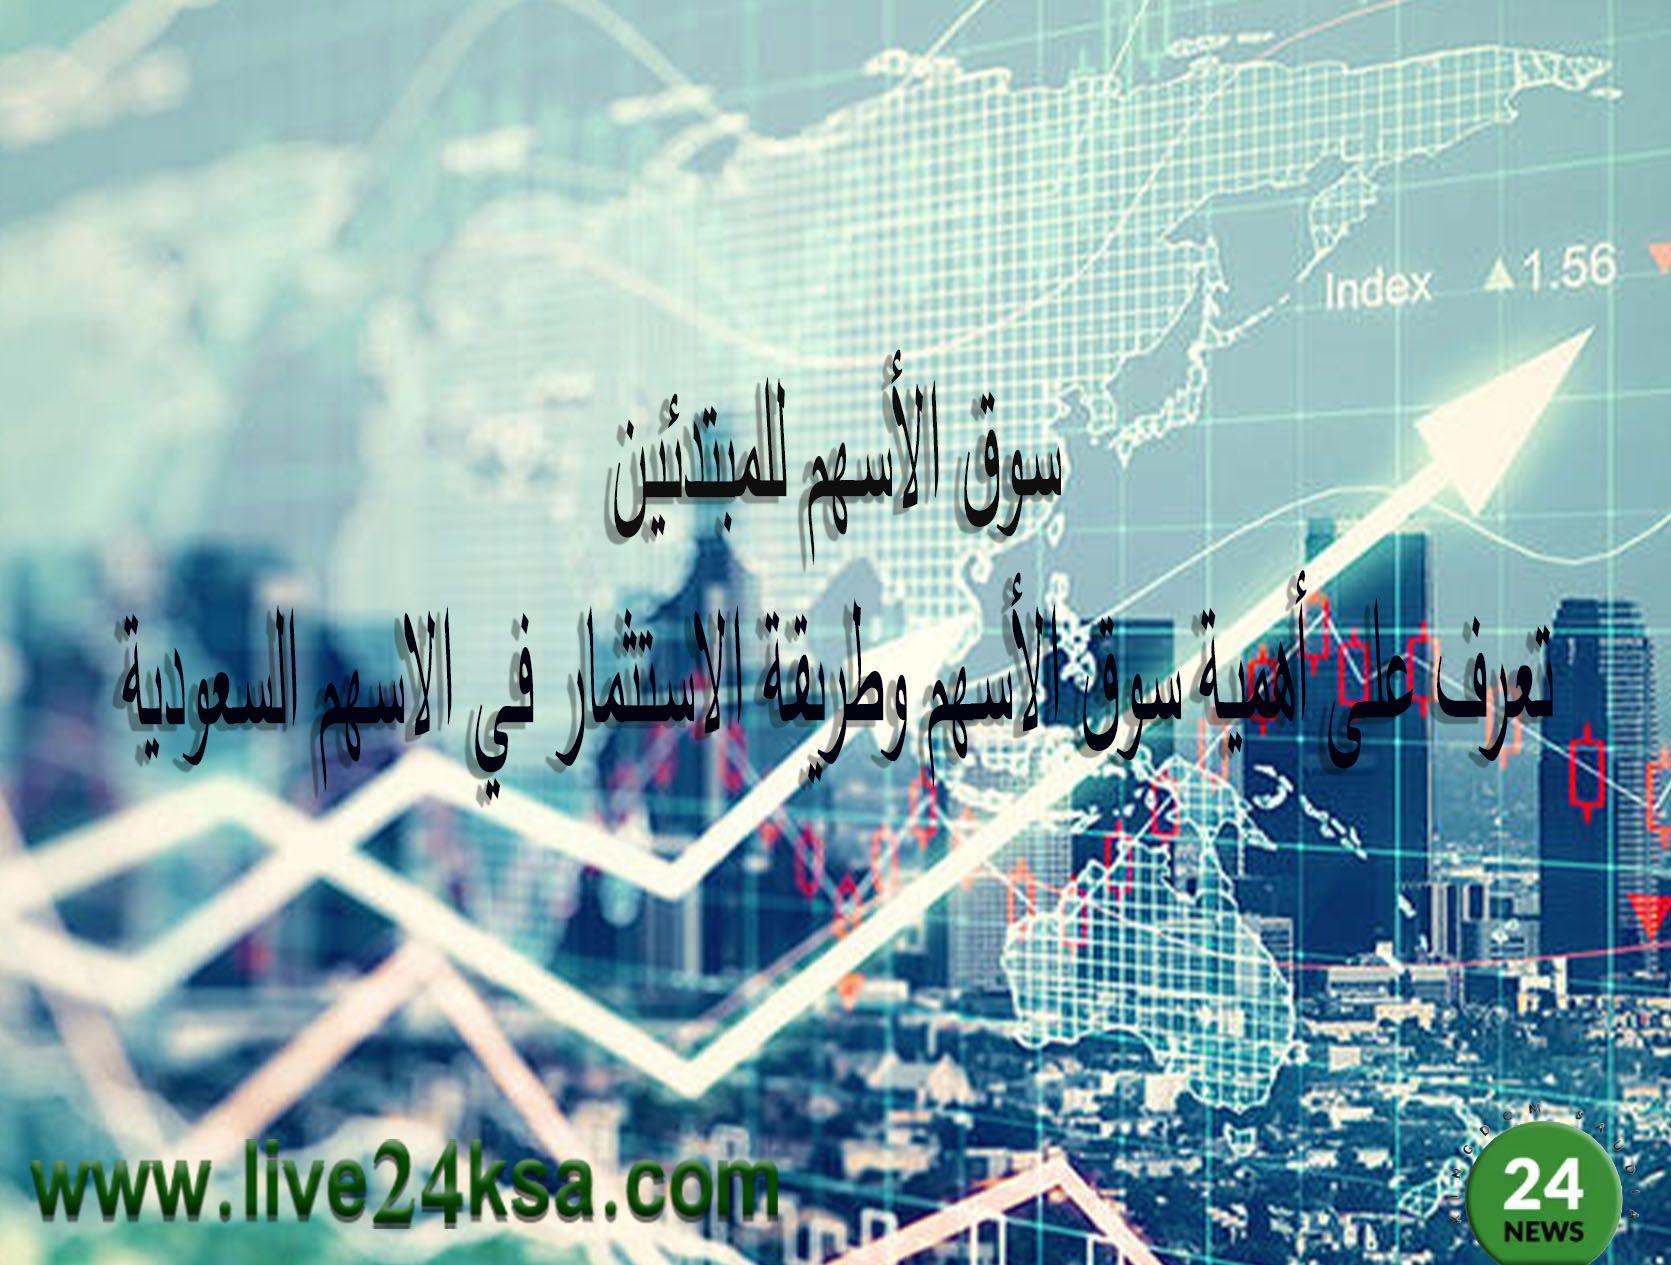 سوق الأسهم للمبتدئين تعرف على أهمية سوق الأسهم وطريقة الاستثمار في الاسهم السعودية Travel